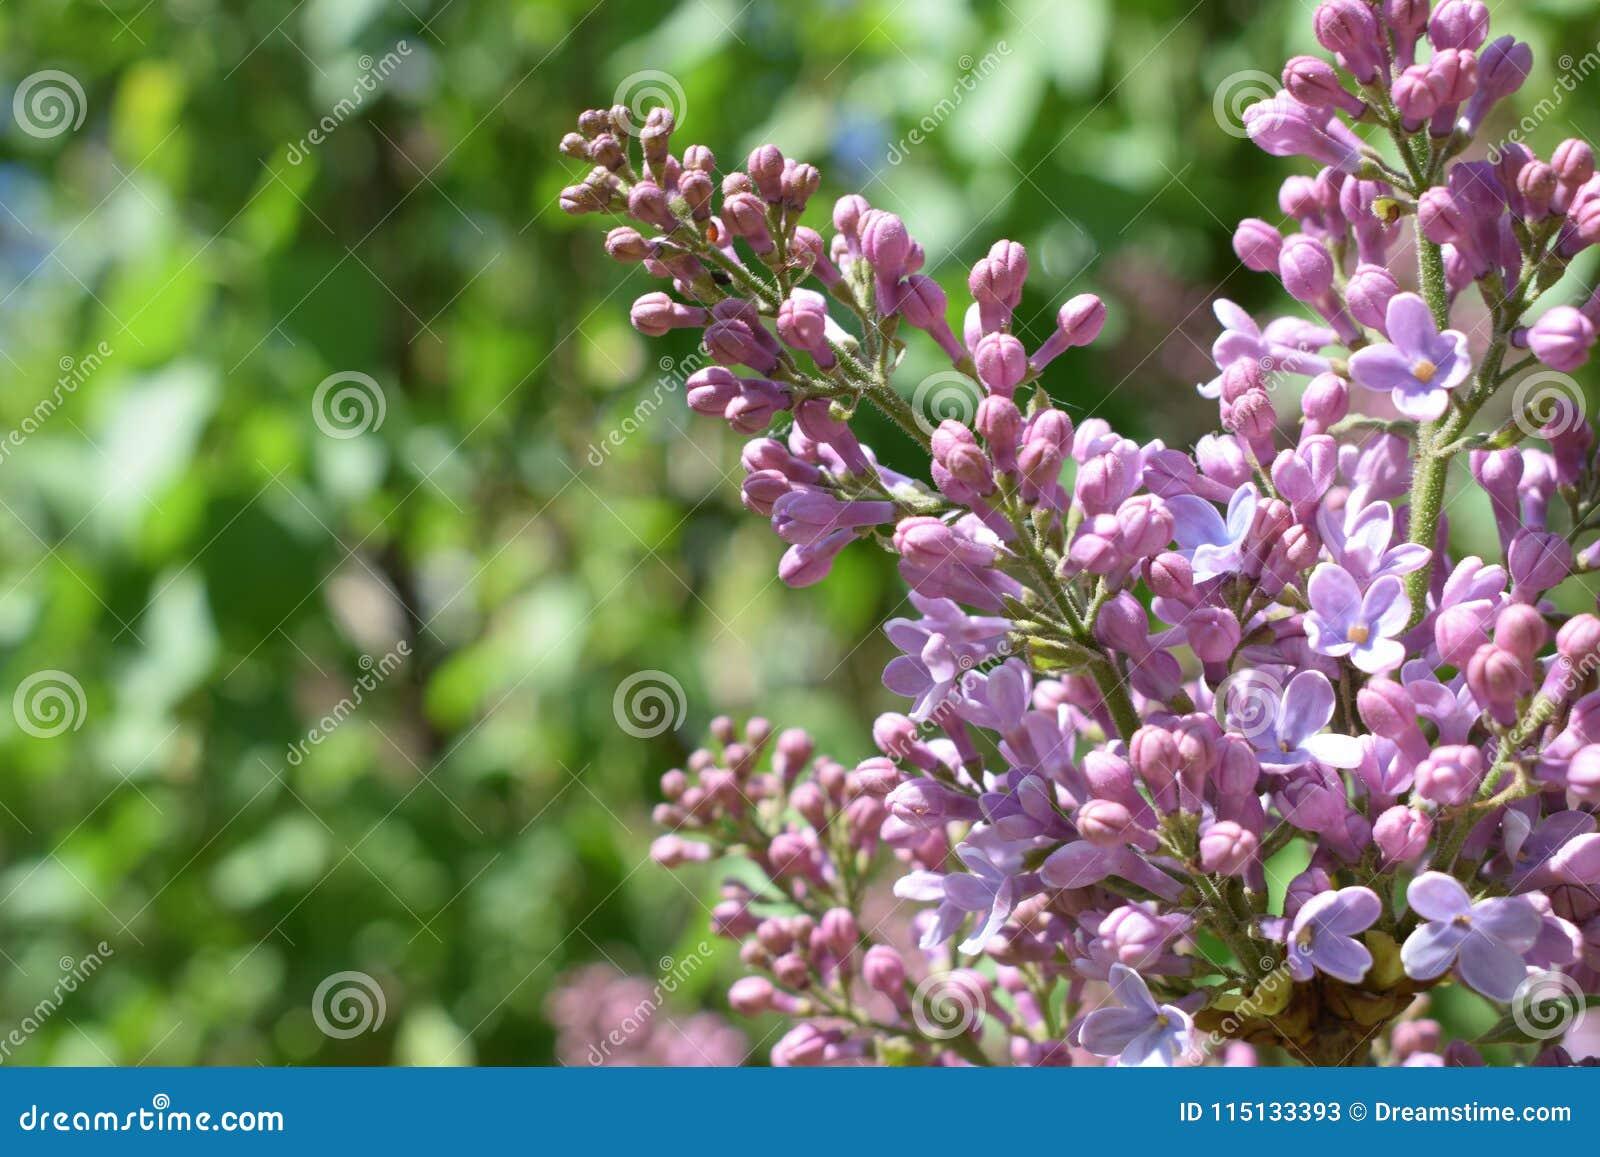 пурпур сирени 9 тюльпанов весны настроения пестроткаными установленных изображениями чудесных Красота утра